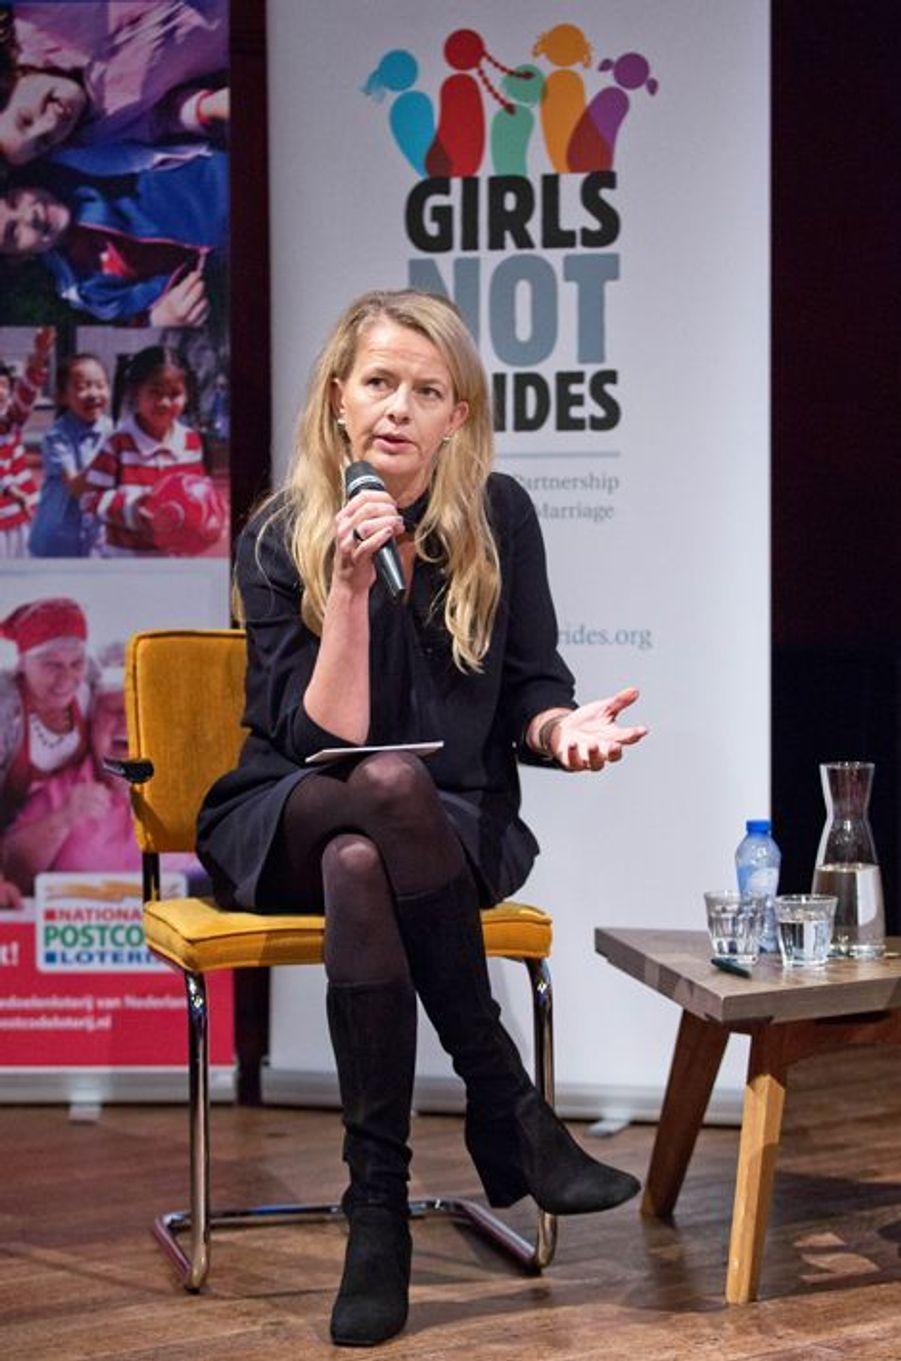 La princesse Mabel des Pays-Bas à Amsterdam, le 23 novembre 2015